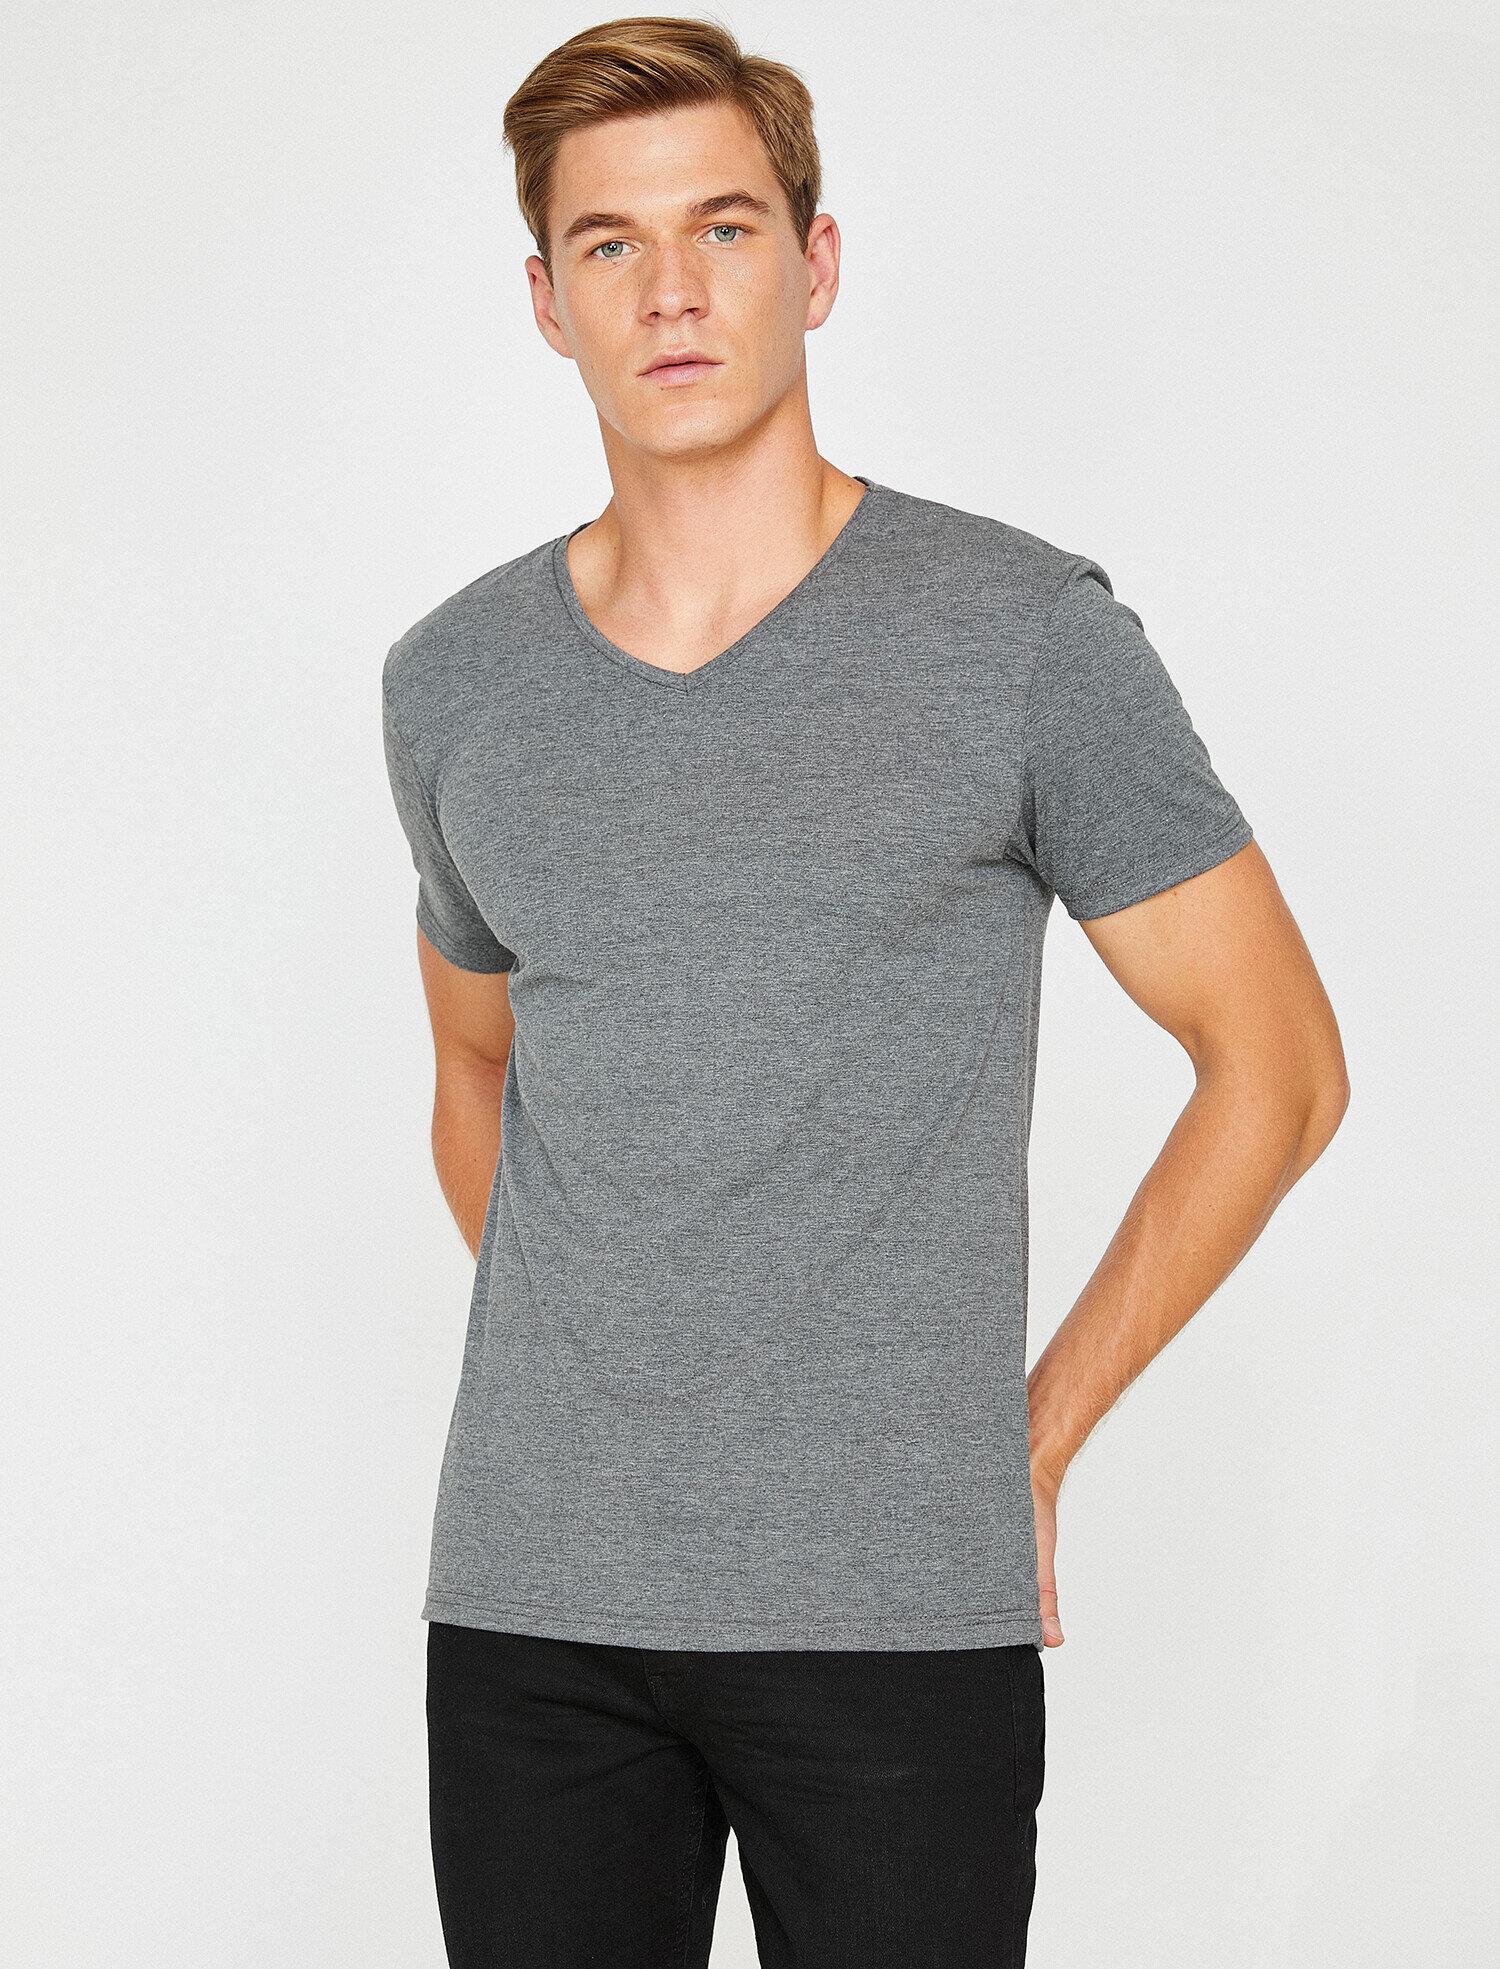 Koton Erkek V Yaka T-Shirt Gri Ürün Resmi